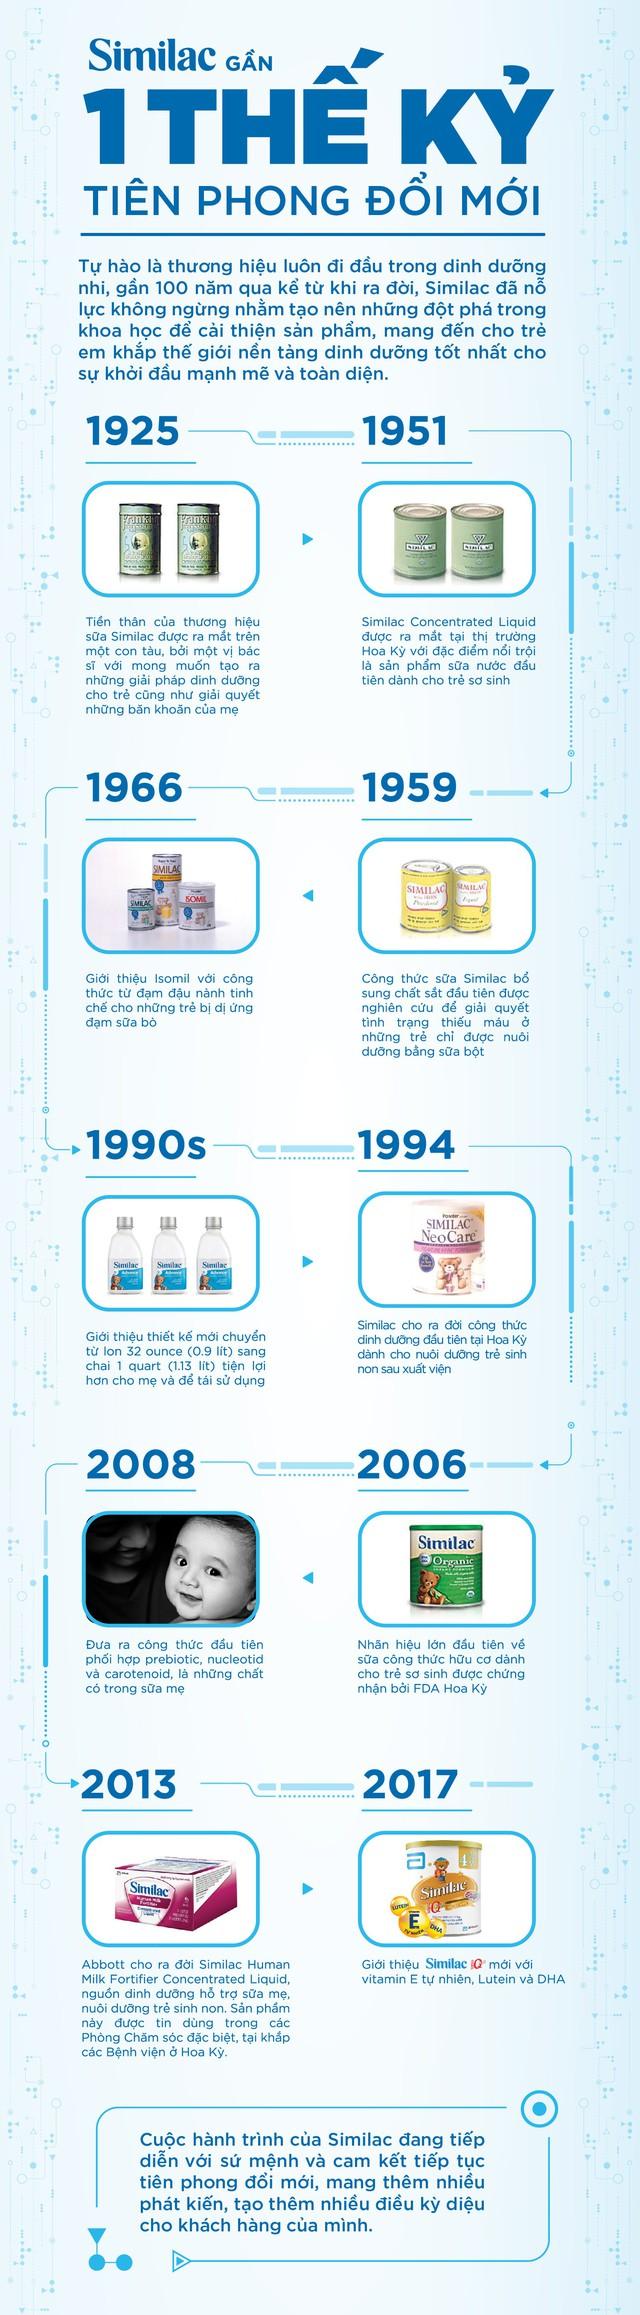 Hành trình vẫn đang tiếp tục với những dấu mốc đáng mong đợi, Similac cam kết luôn đổi mới trong khoa học dinh dưỡng nhi nhằm cải tiến sản phẩm và mang đến một khởi đầu tốt nhất cho trẻ.